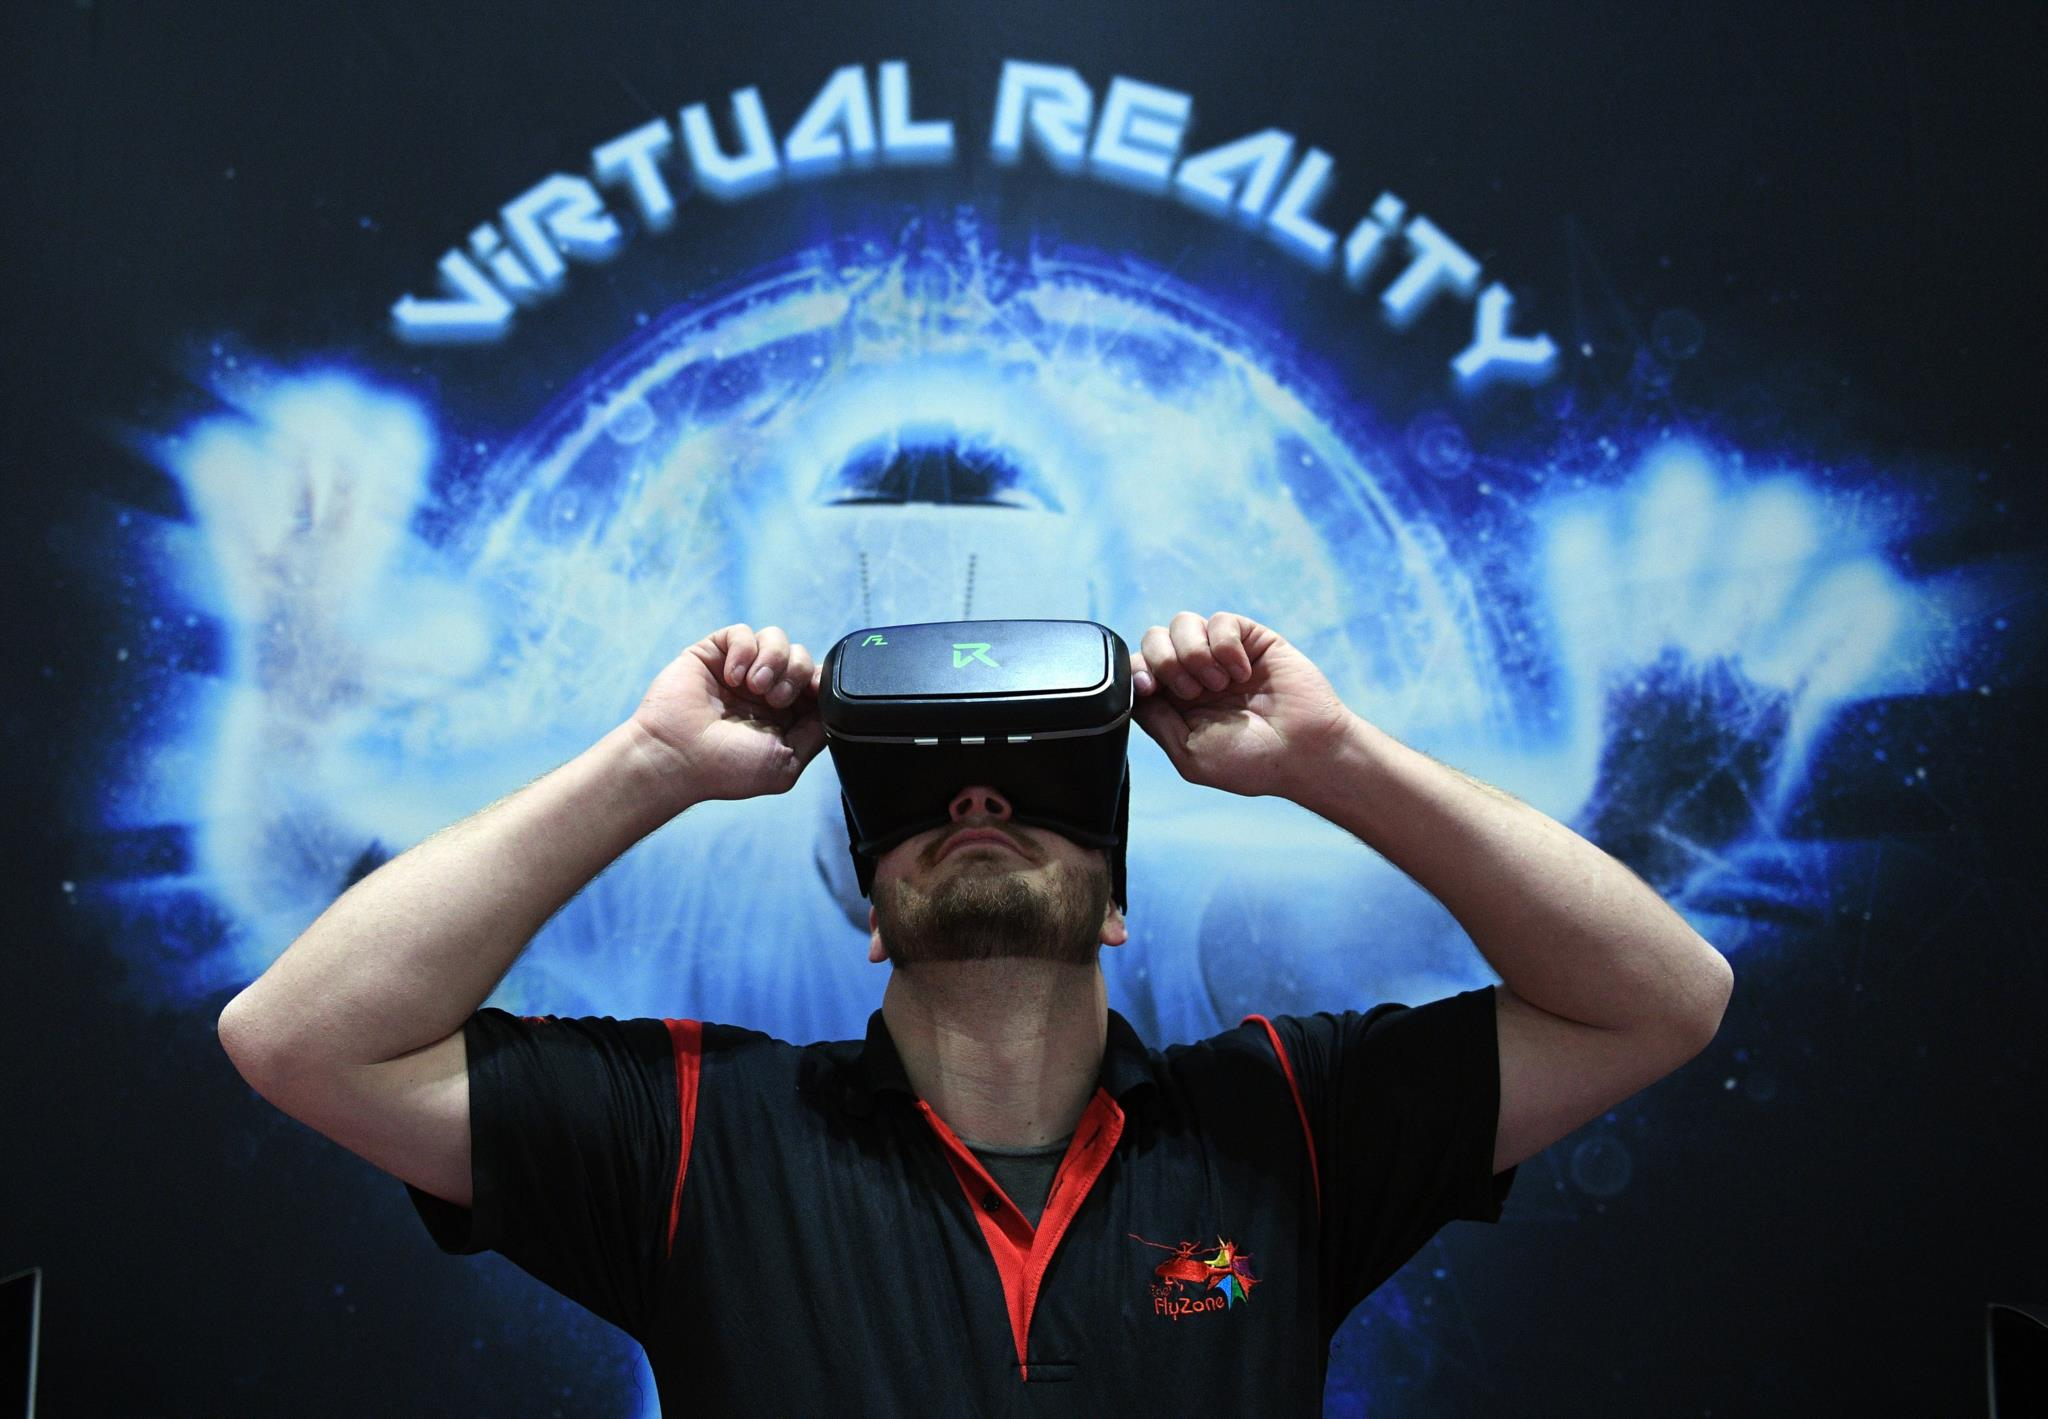 PÚBLICO - Google corta realidade virtual ao meio